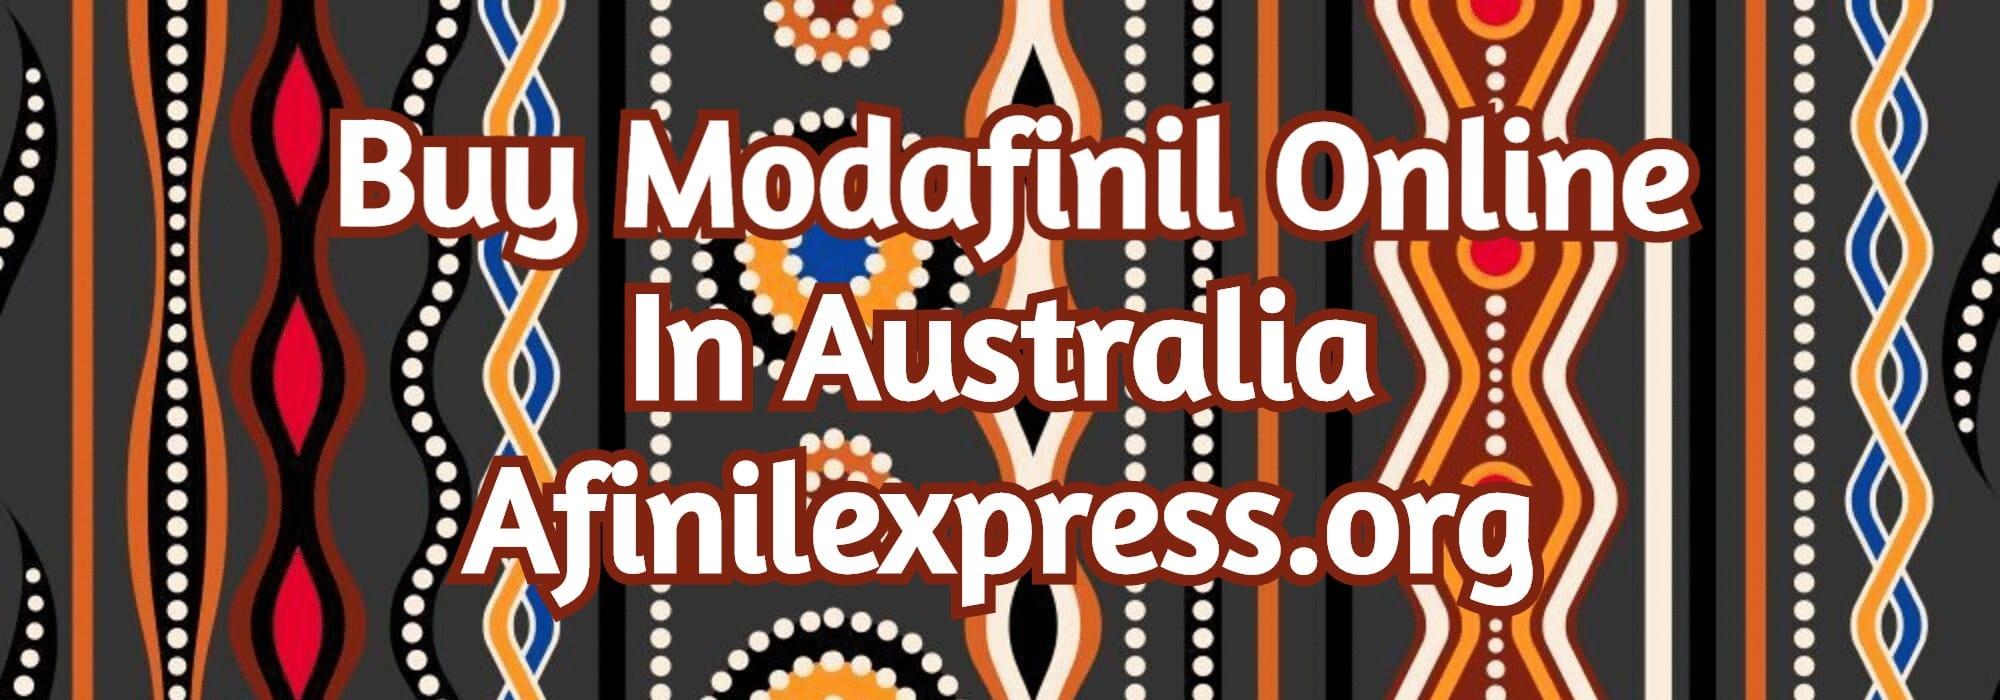 Buy Modafinil, Modafinil Australia